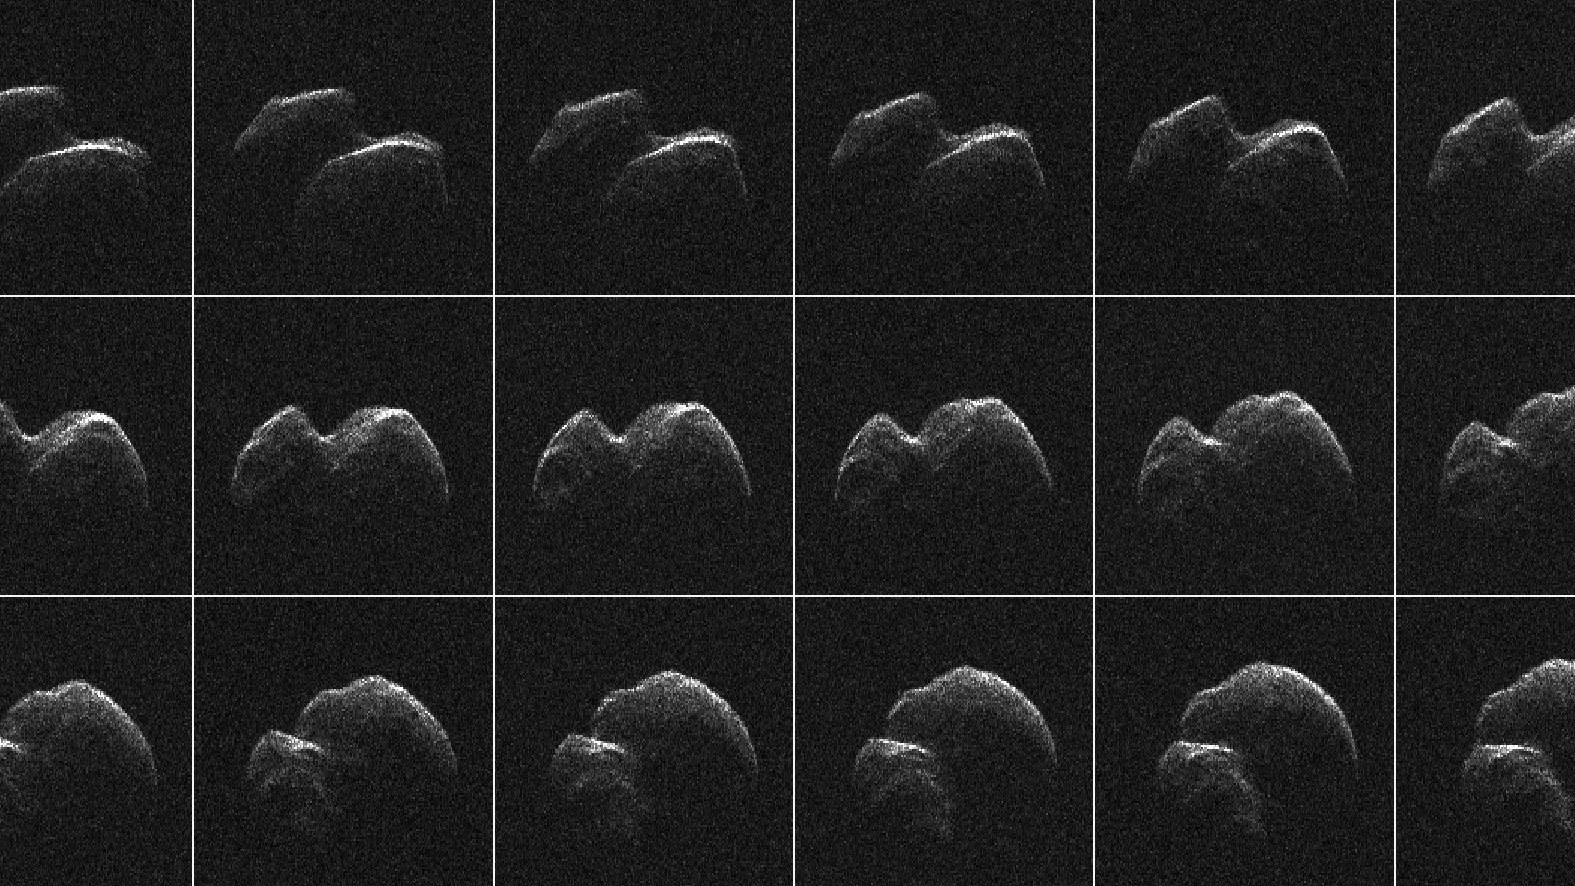 【NASA】最接近した小惑星「2014 JO25」猛スピードで地球のそばを通り過ぎた、その姿を撮影…ピーナツ形の惑星だった